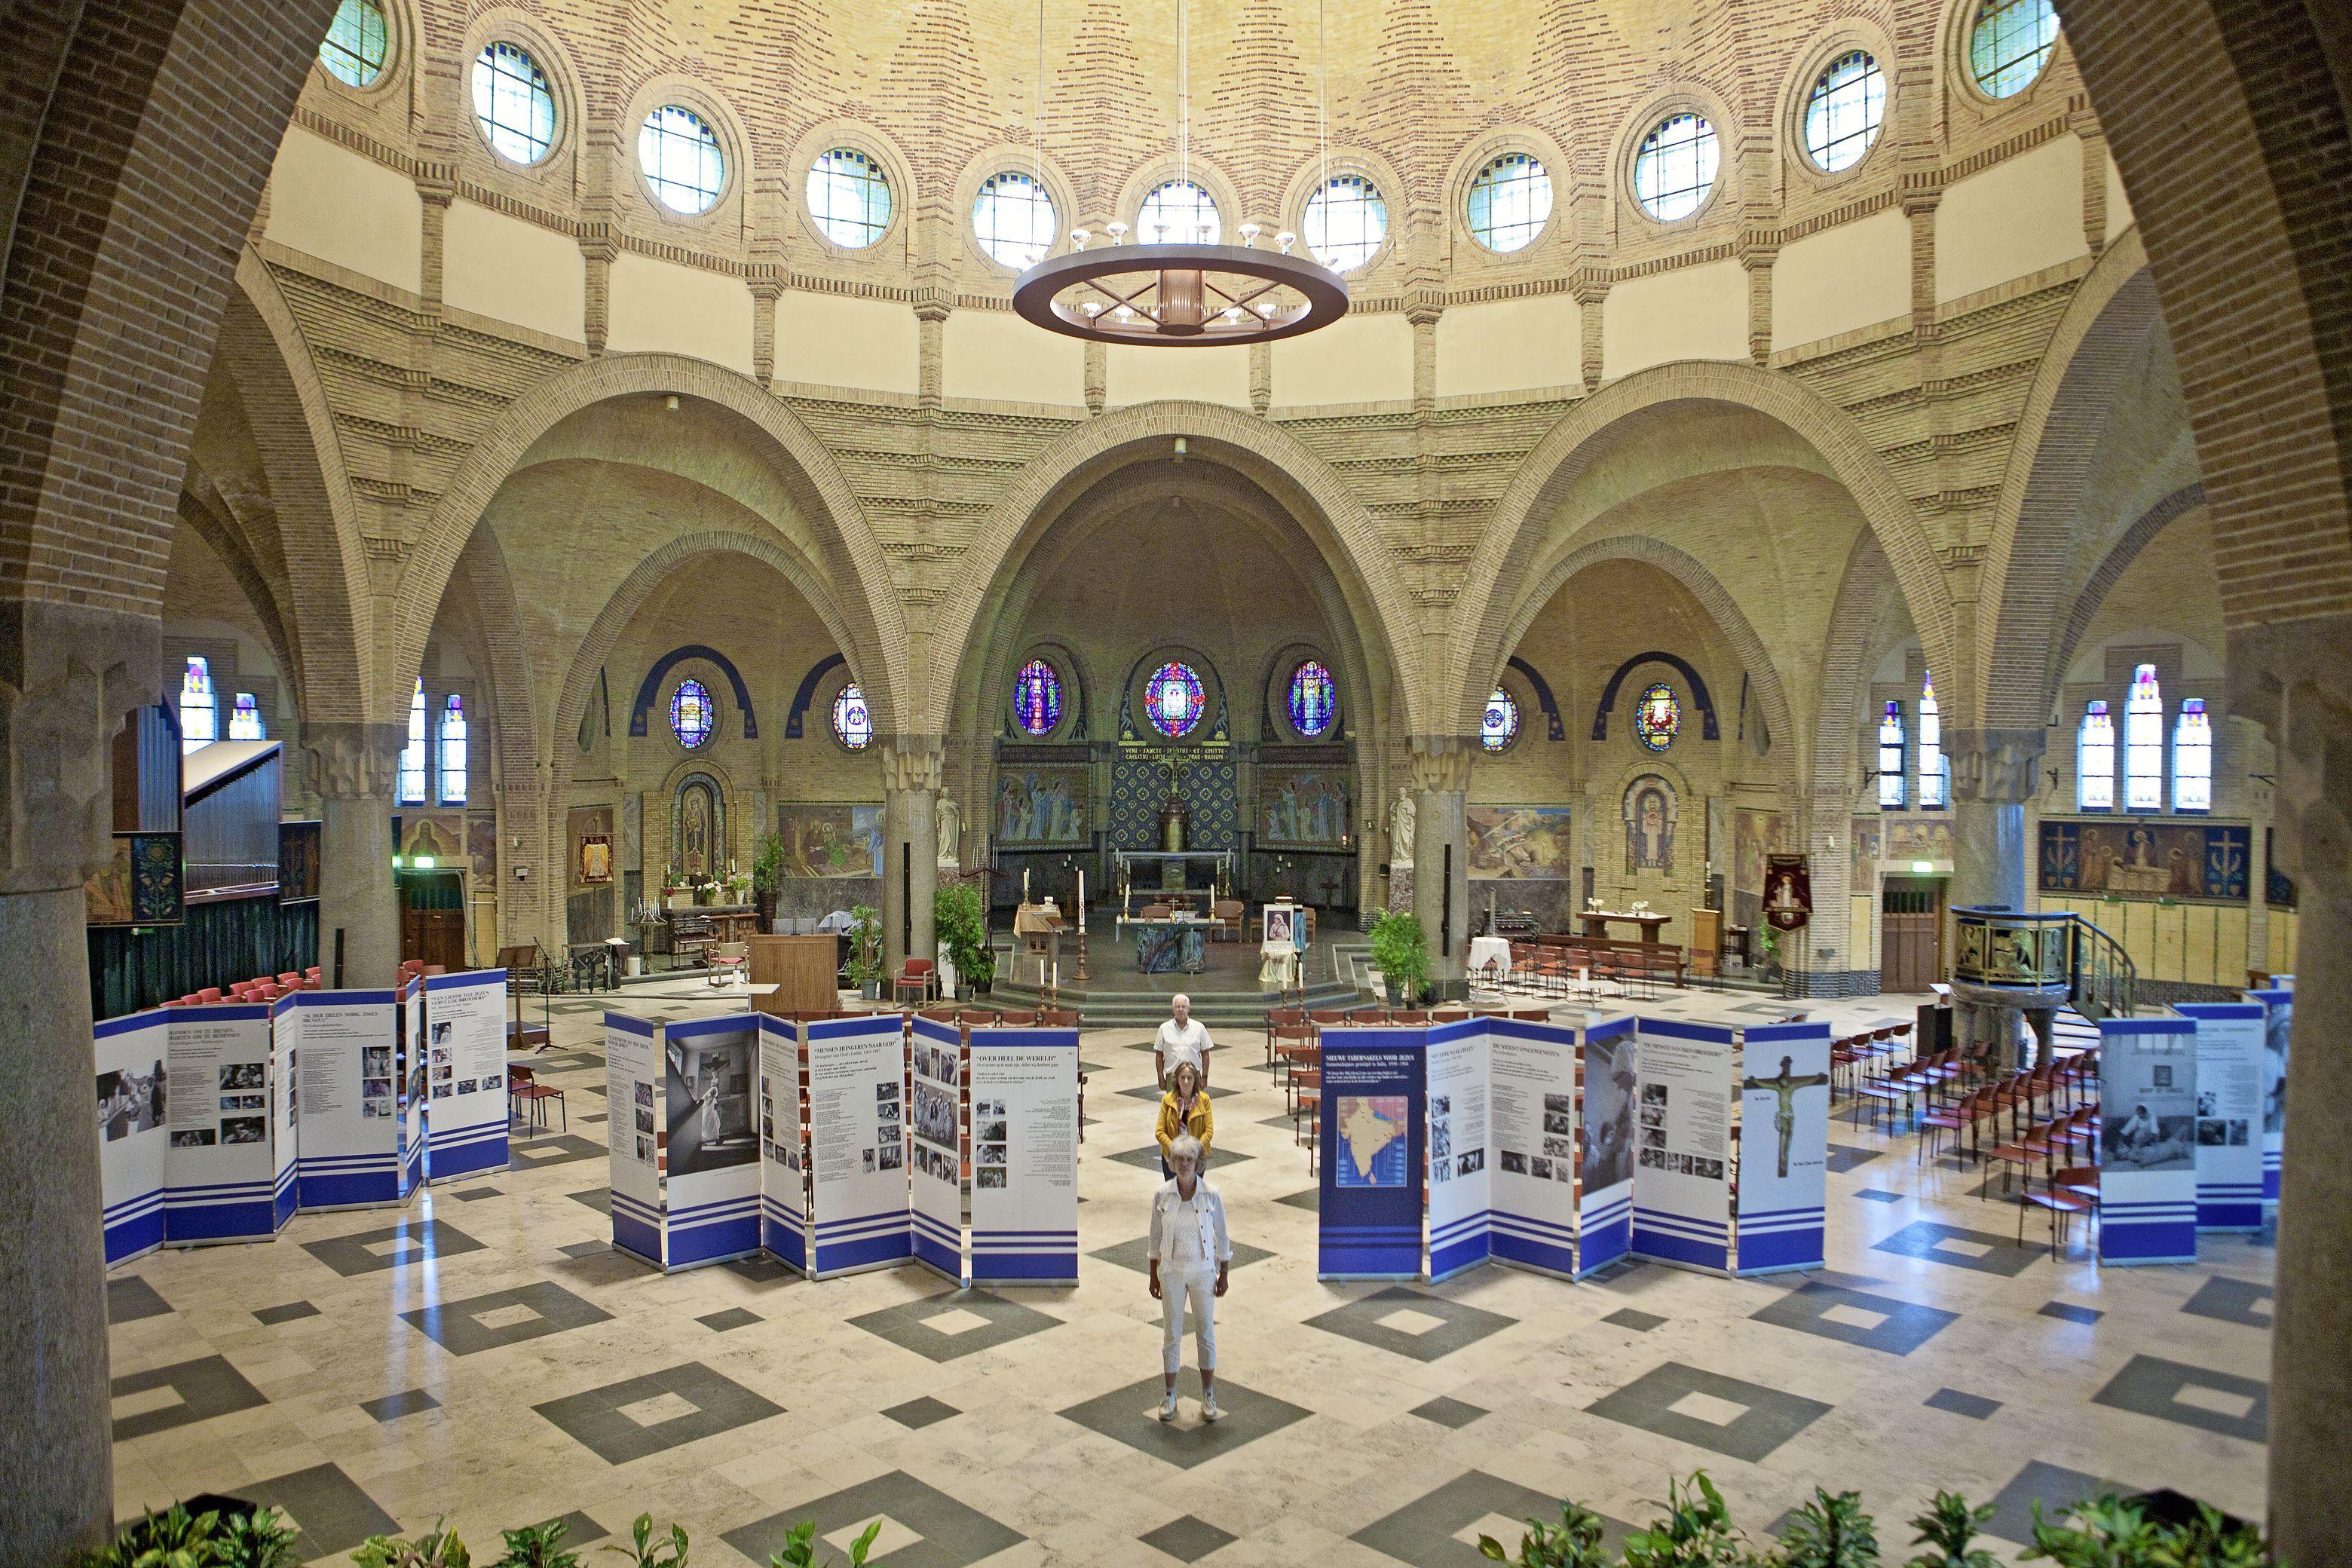 Het is muisstil in de Beverwijkse Agathakerk, maar dan kraakt er iets, hoog in de gewelven van het godshuis